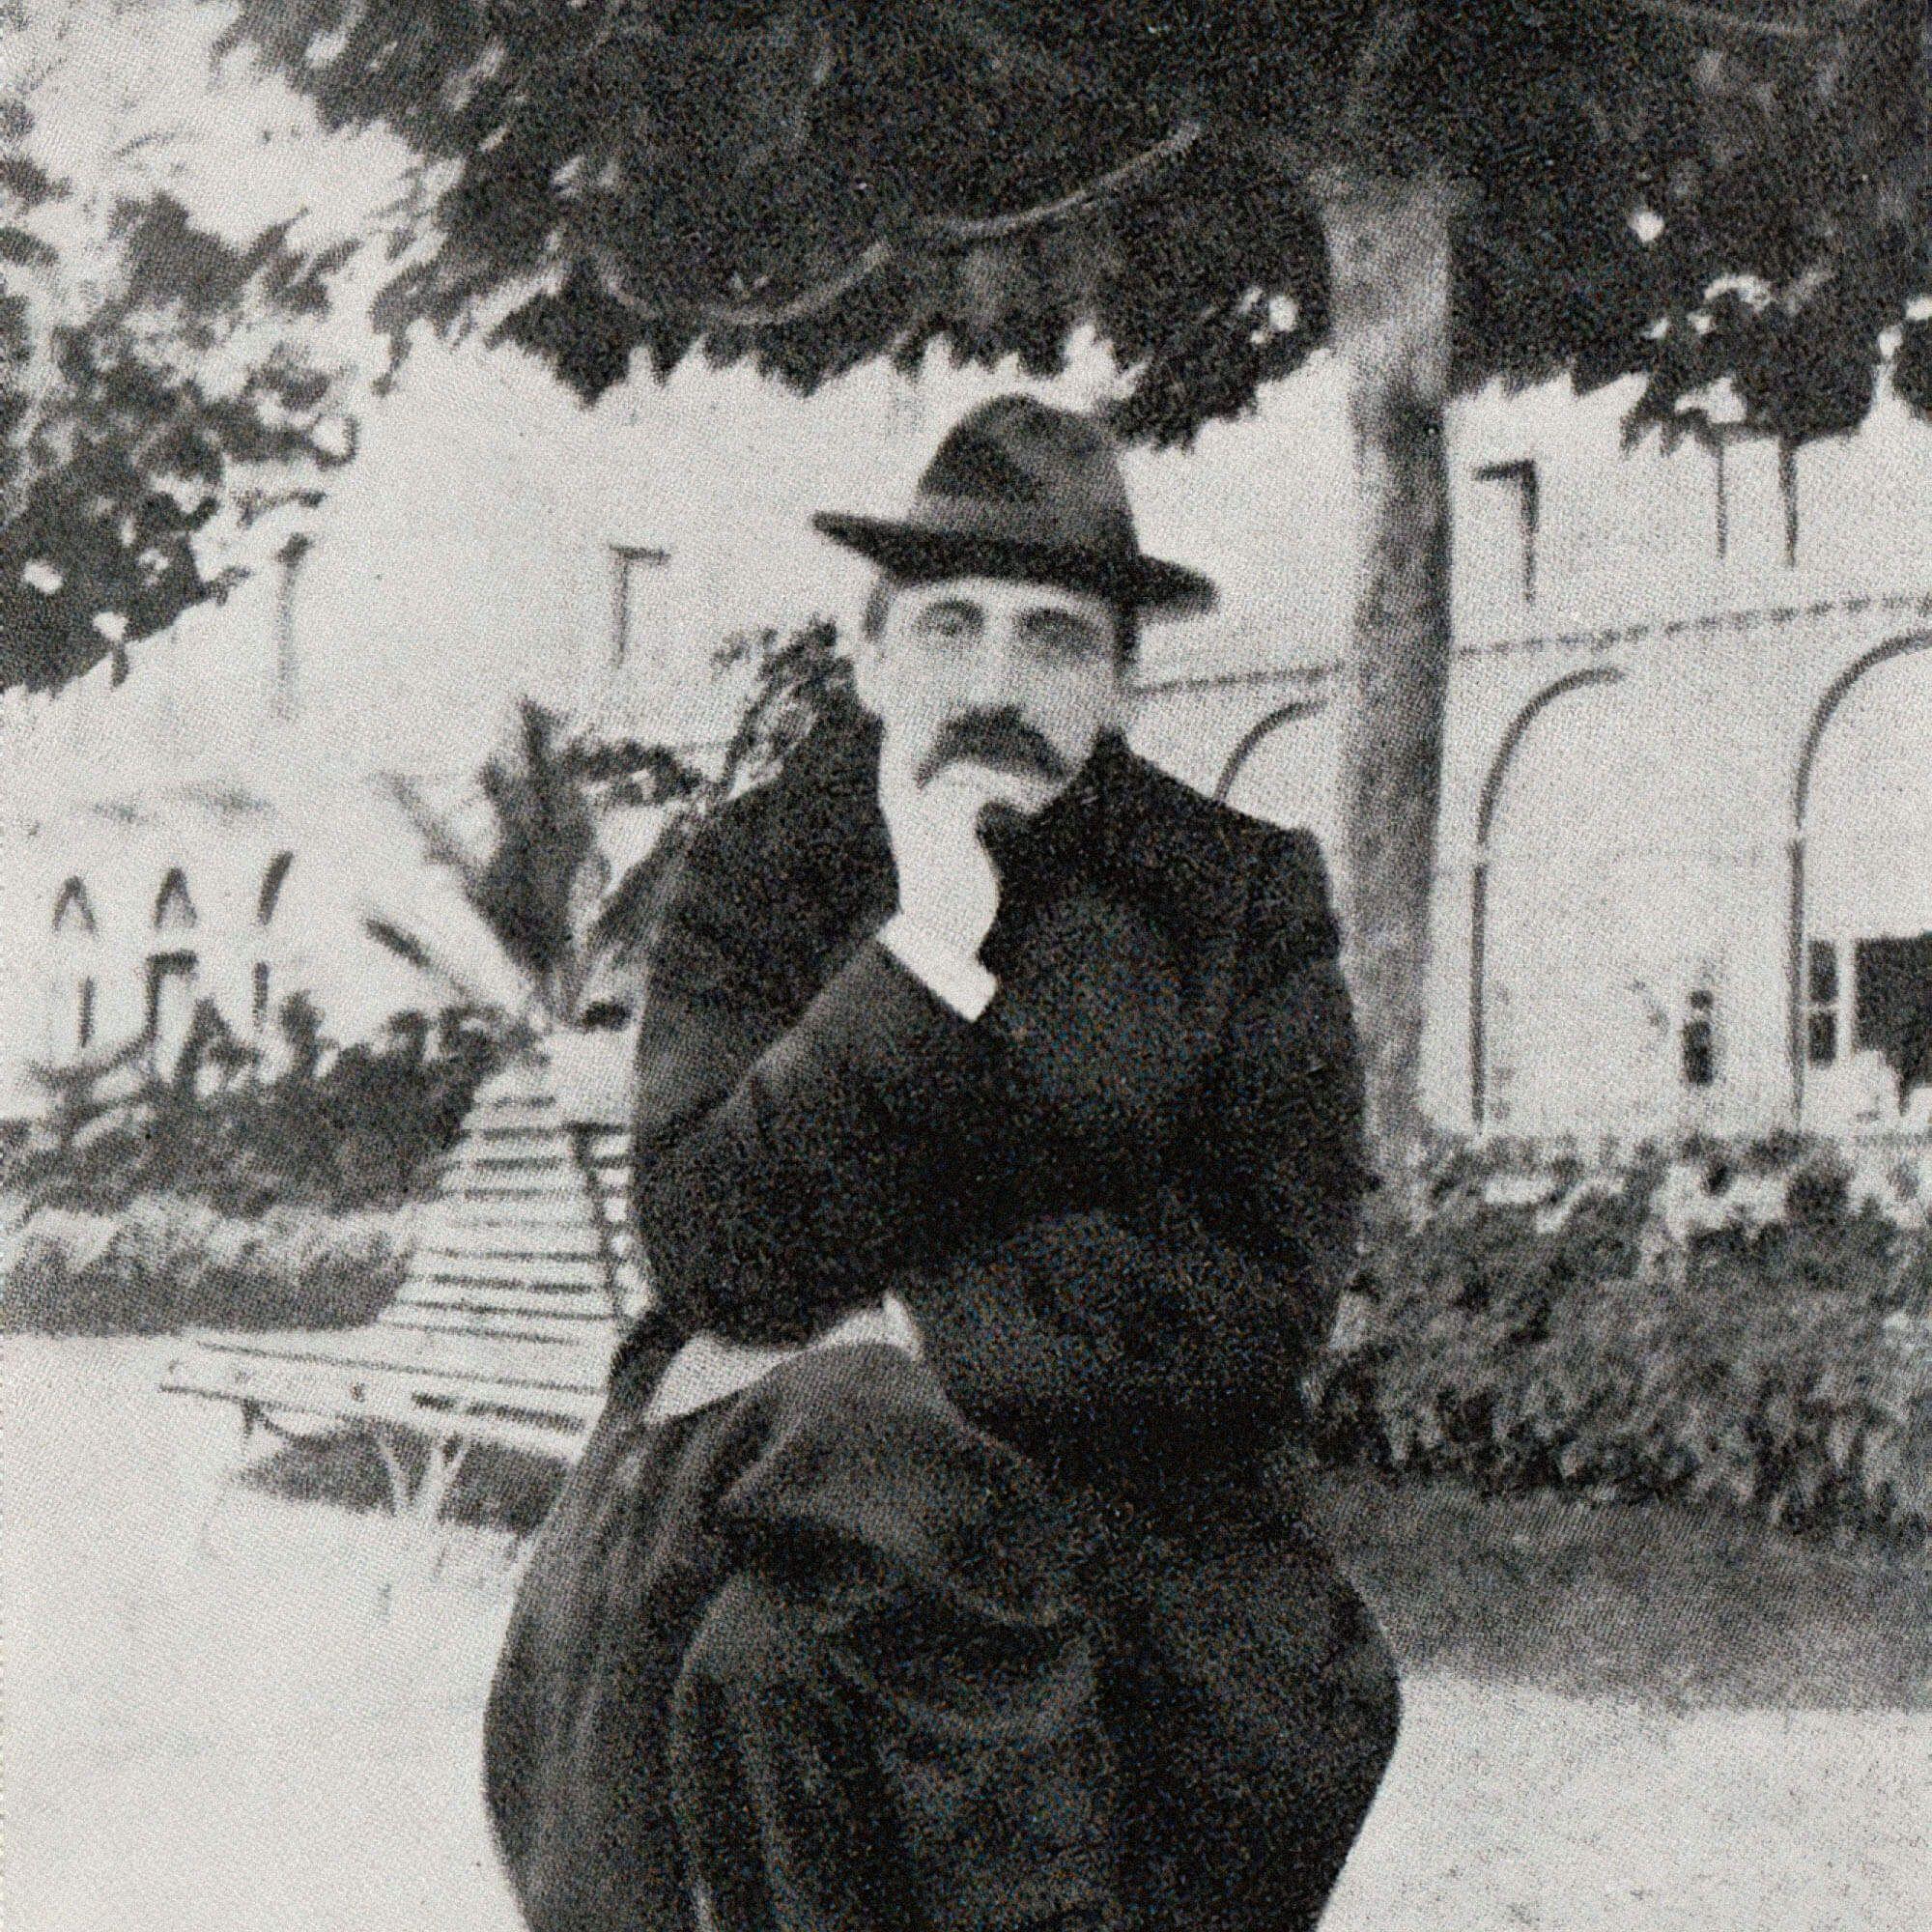 Отчаявшись найти желающих опубликовать 1500-страничный том целиком, Марсель Пруст стал издавать книгу засвой счет. Фото: Эвиан / 1905год / Proust-Ink